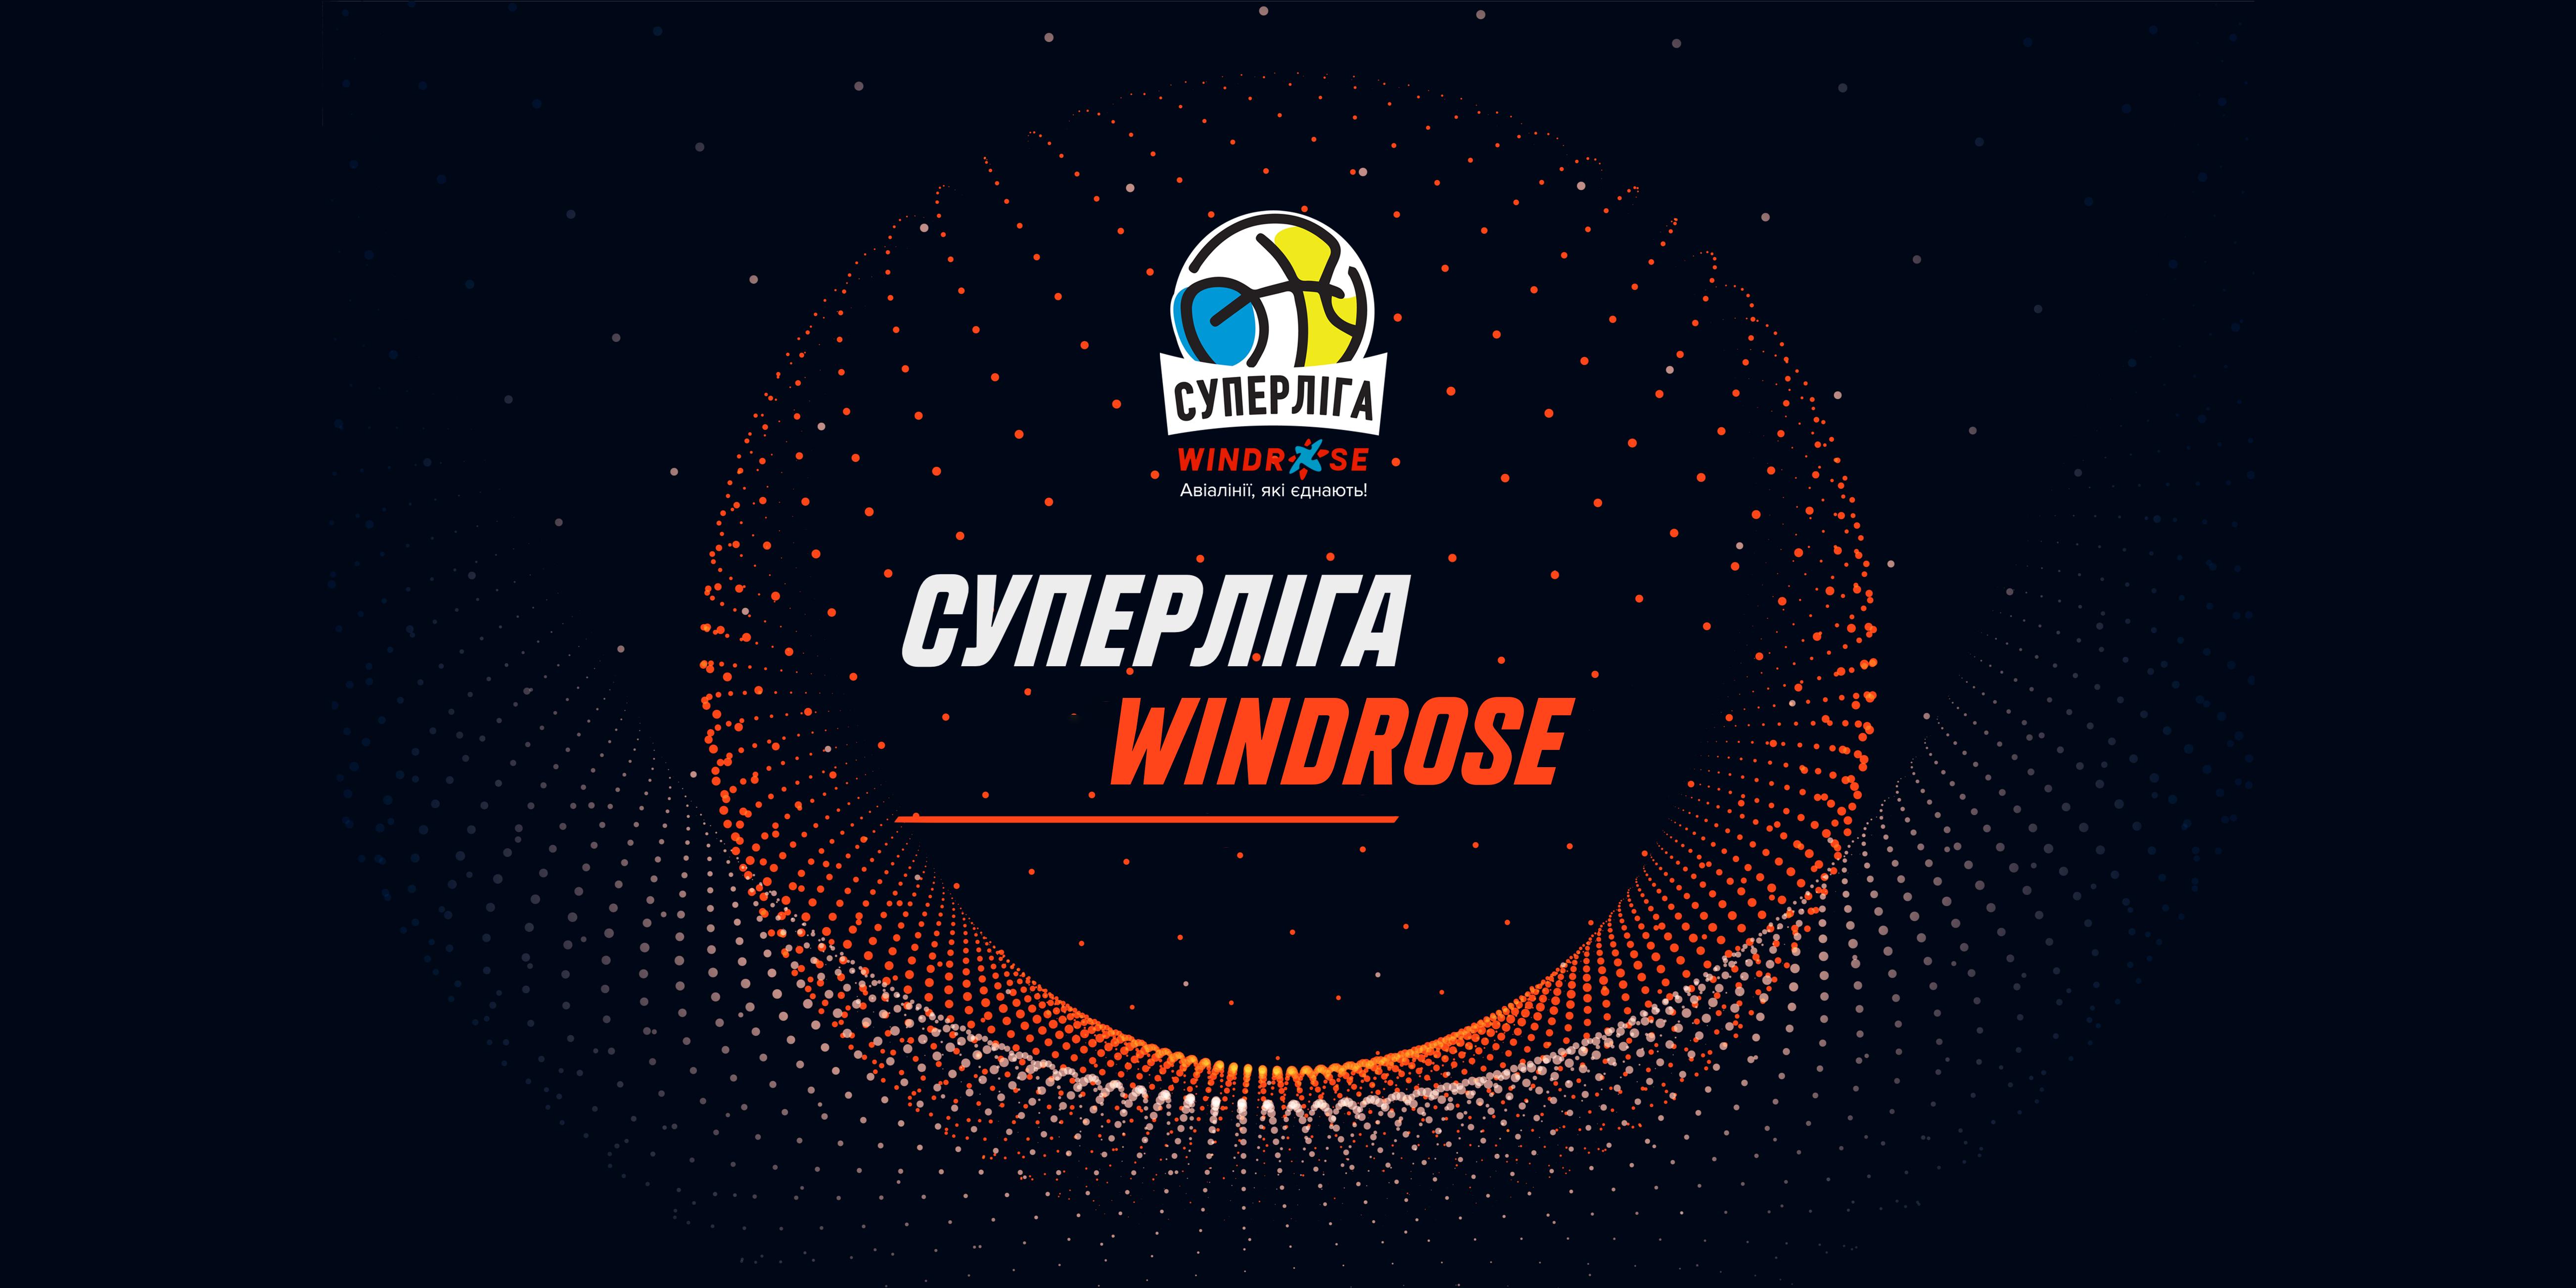 Суперліга Windrose: онлайн відеотрансляція 26 вересня